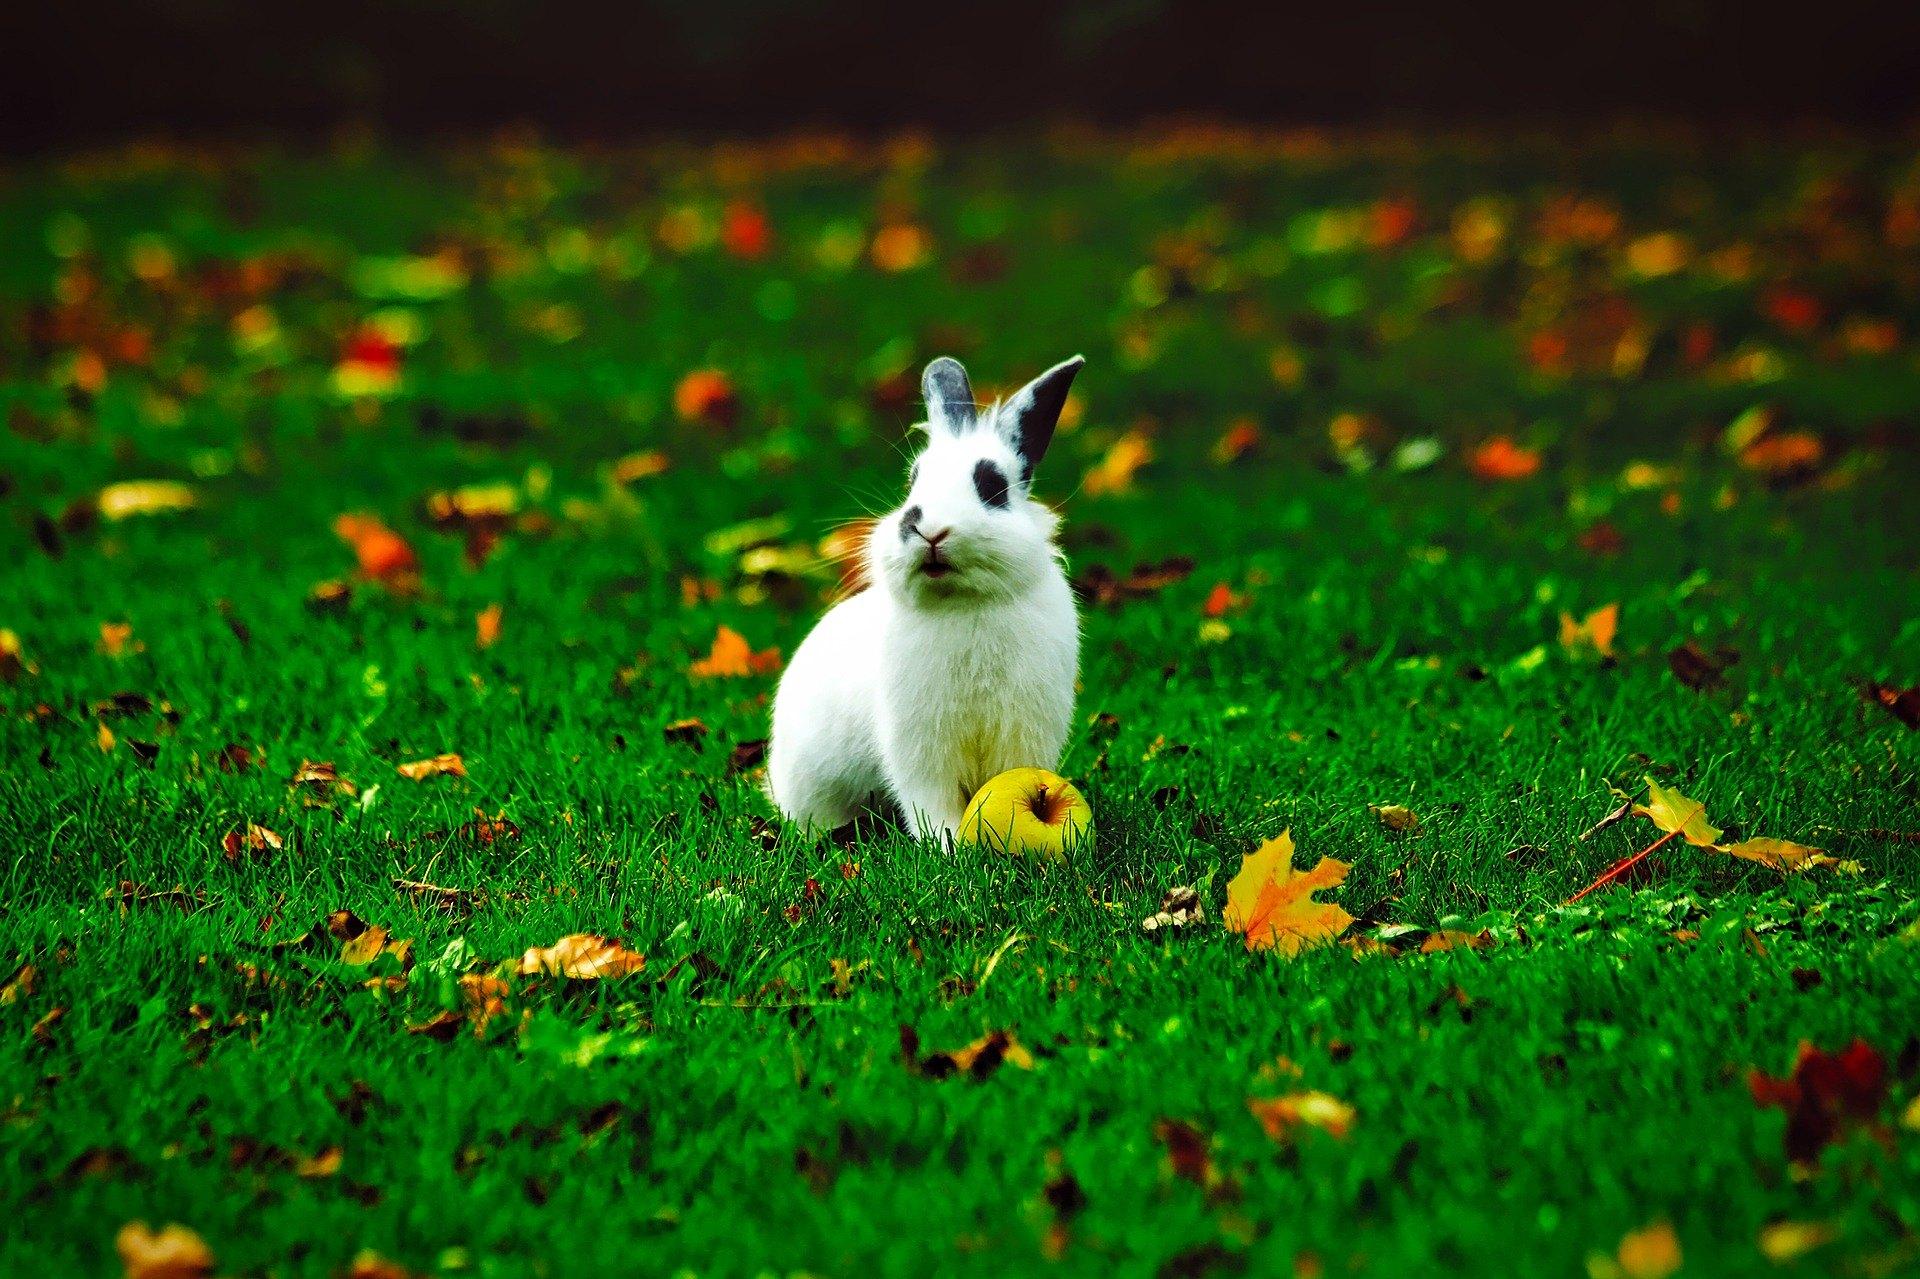 Je klec s výběhem pro králíka dobrý nápad?